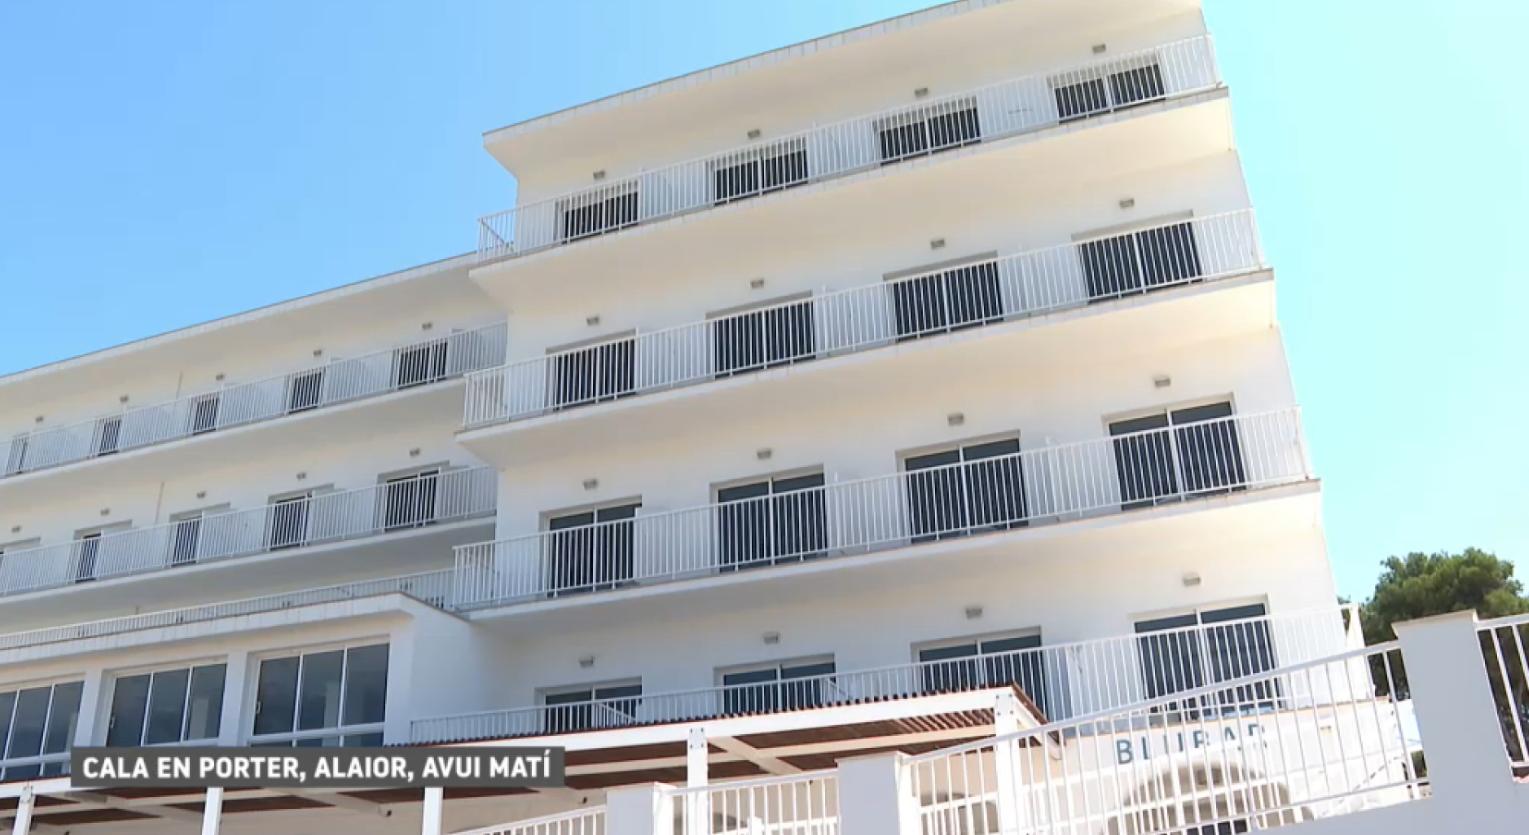 Menorca+estrenar%C3%A0+aquest+diumenge+un+segon+hotel+Covid